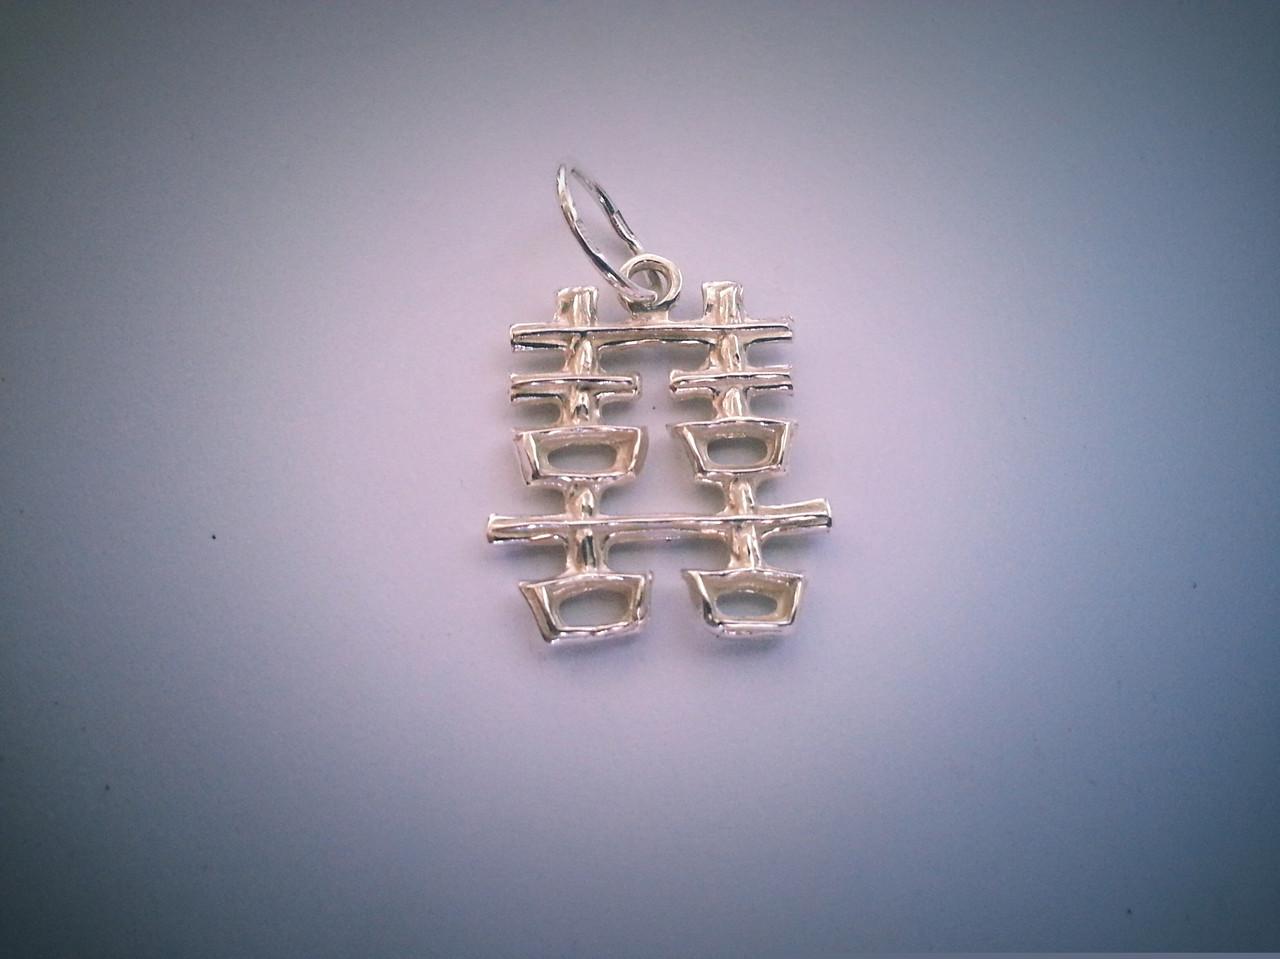 серебряные мусульманские браслеты